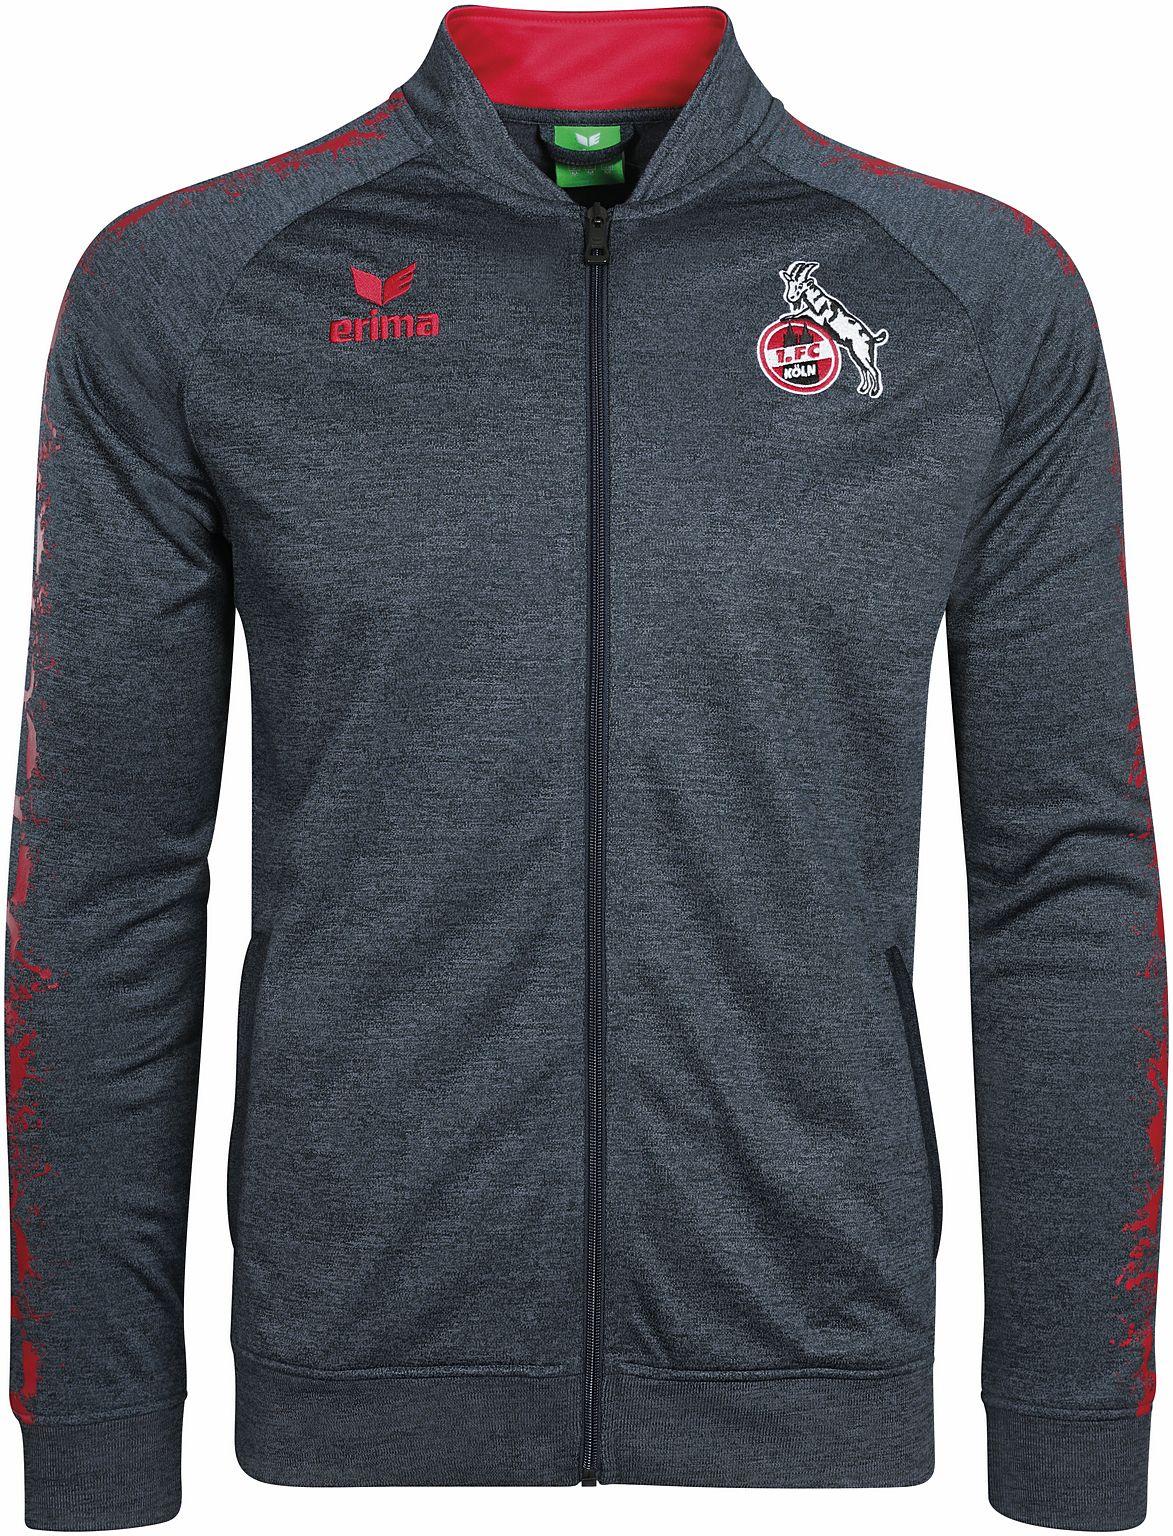 Erima 1. FC Köln Graffic 5-C Tracktop - Kinder Trainingsjacke - 2020704